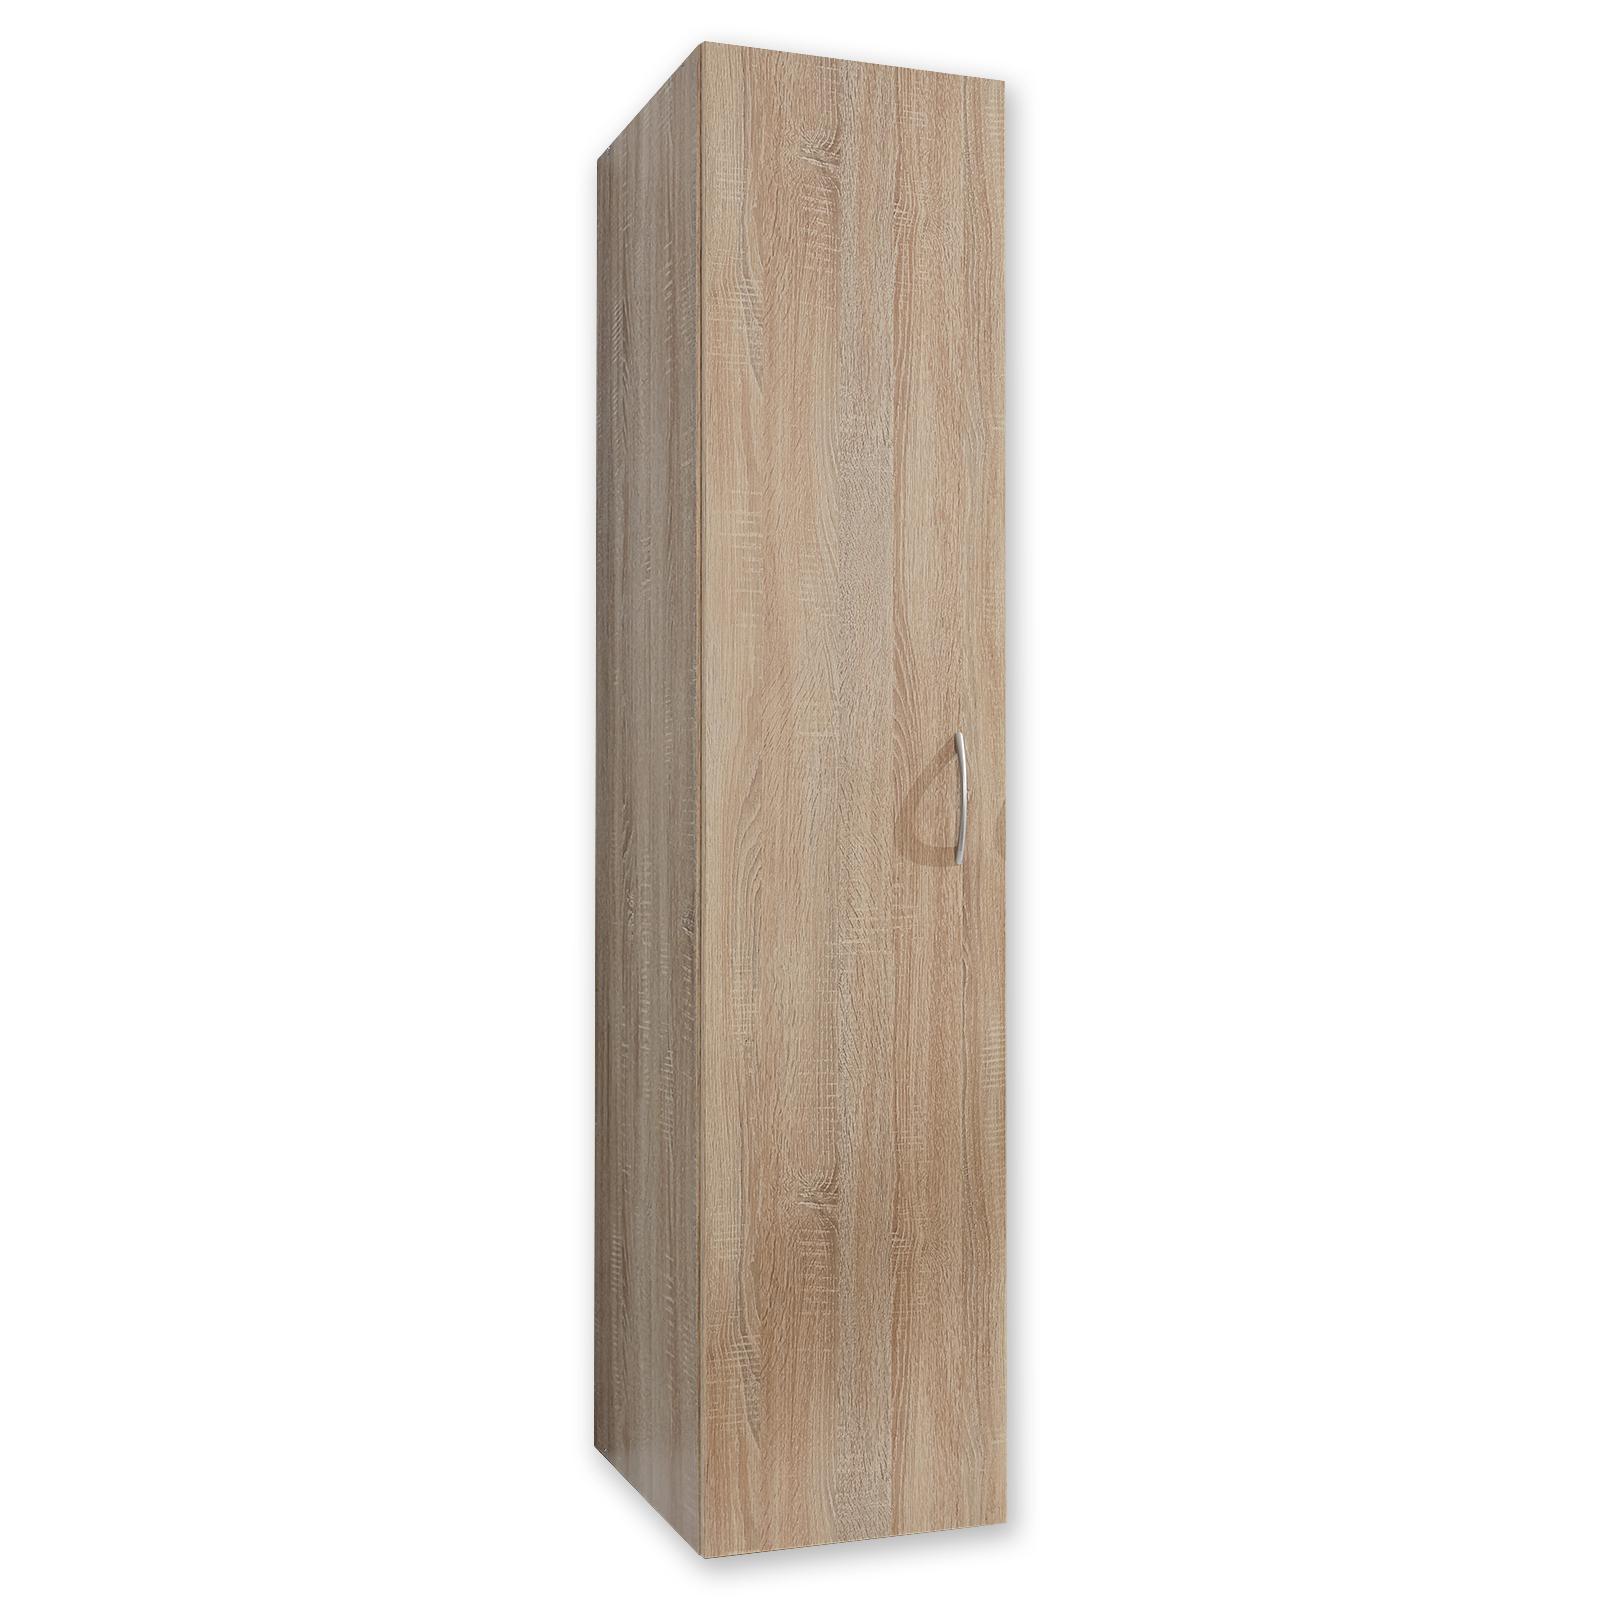 Full Size of Vorratsschrank Holz Schrank Eiche Sgerau 50 Cm Breit Online Bei Roller Kaufen Betten Aus Alu Fenster Modulküche Massivholz Loungemöbel Garten Regal Naturholz Wohnzimmer Vorratsschrank Holz